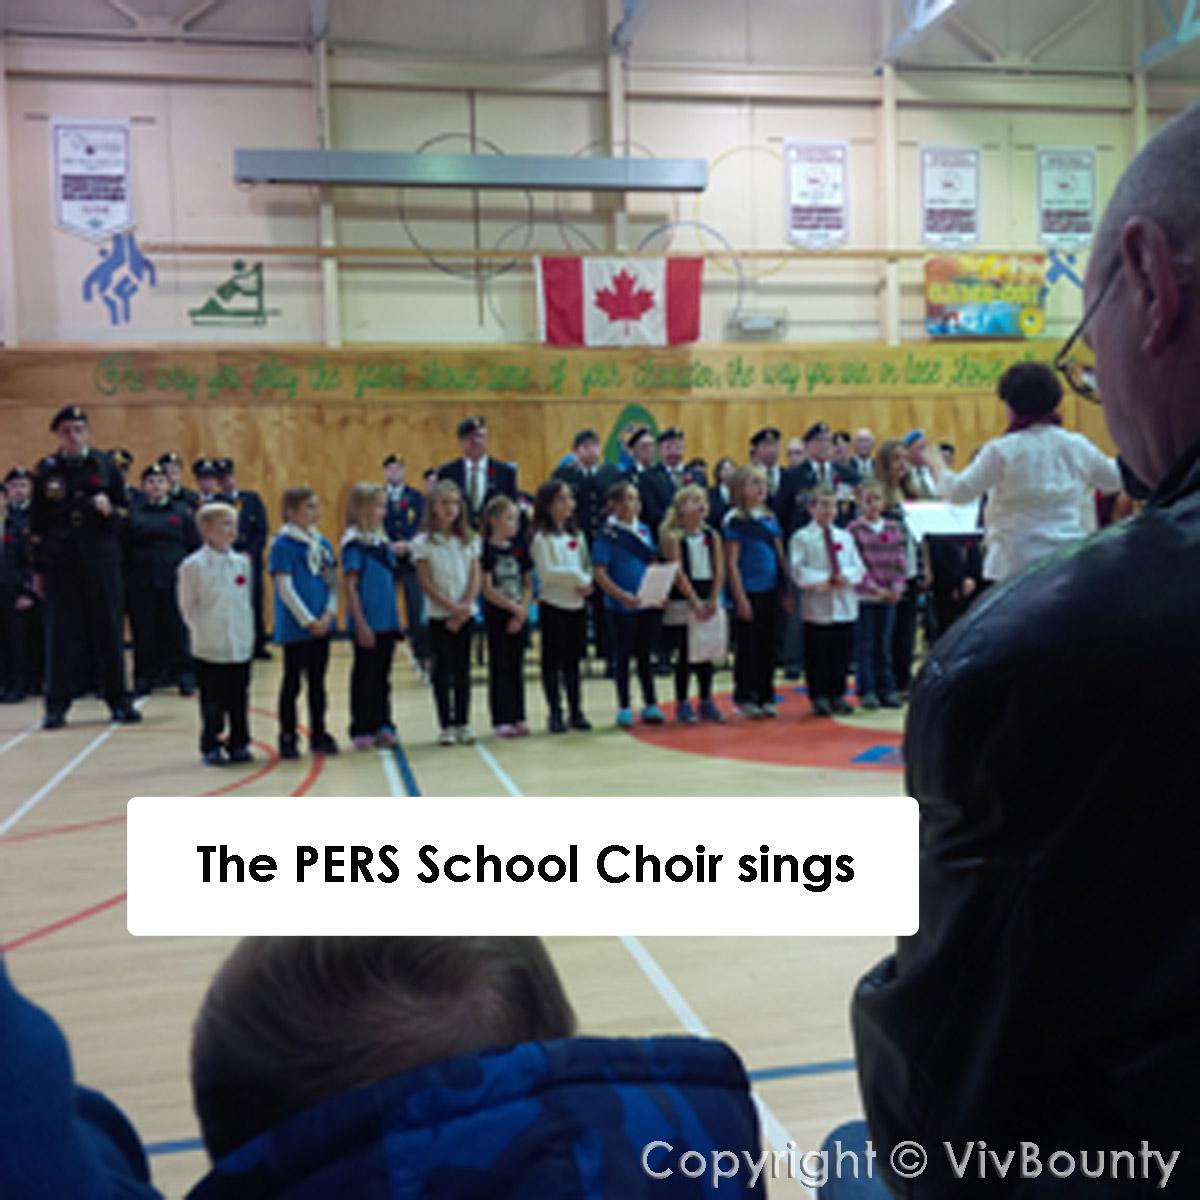 Port Elgin Regional School Choir, VivBounty